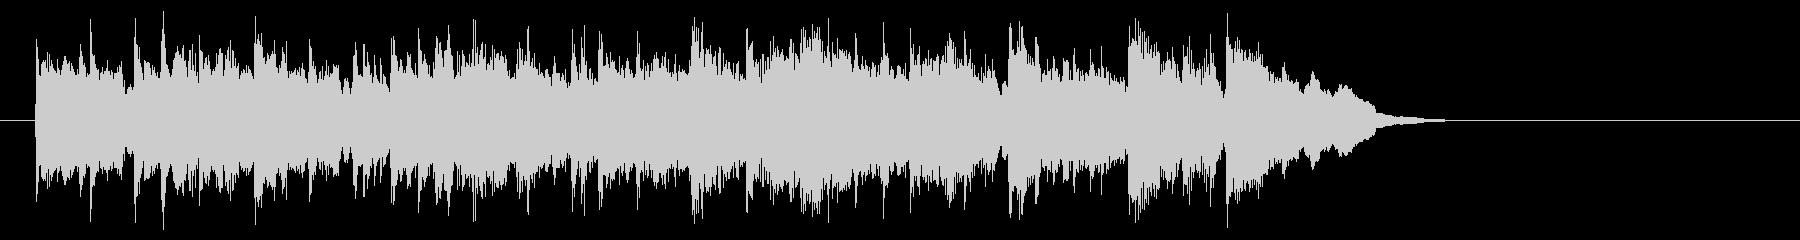 安心感のあるフュージョン(イントロ)の未再生の波形